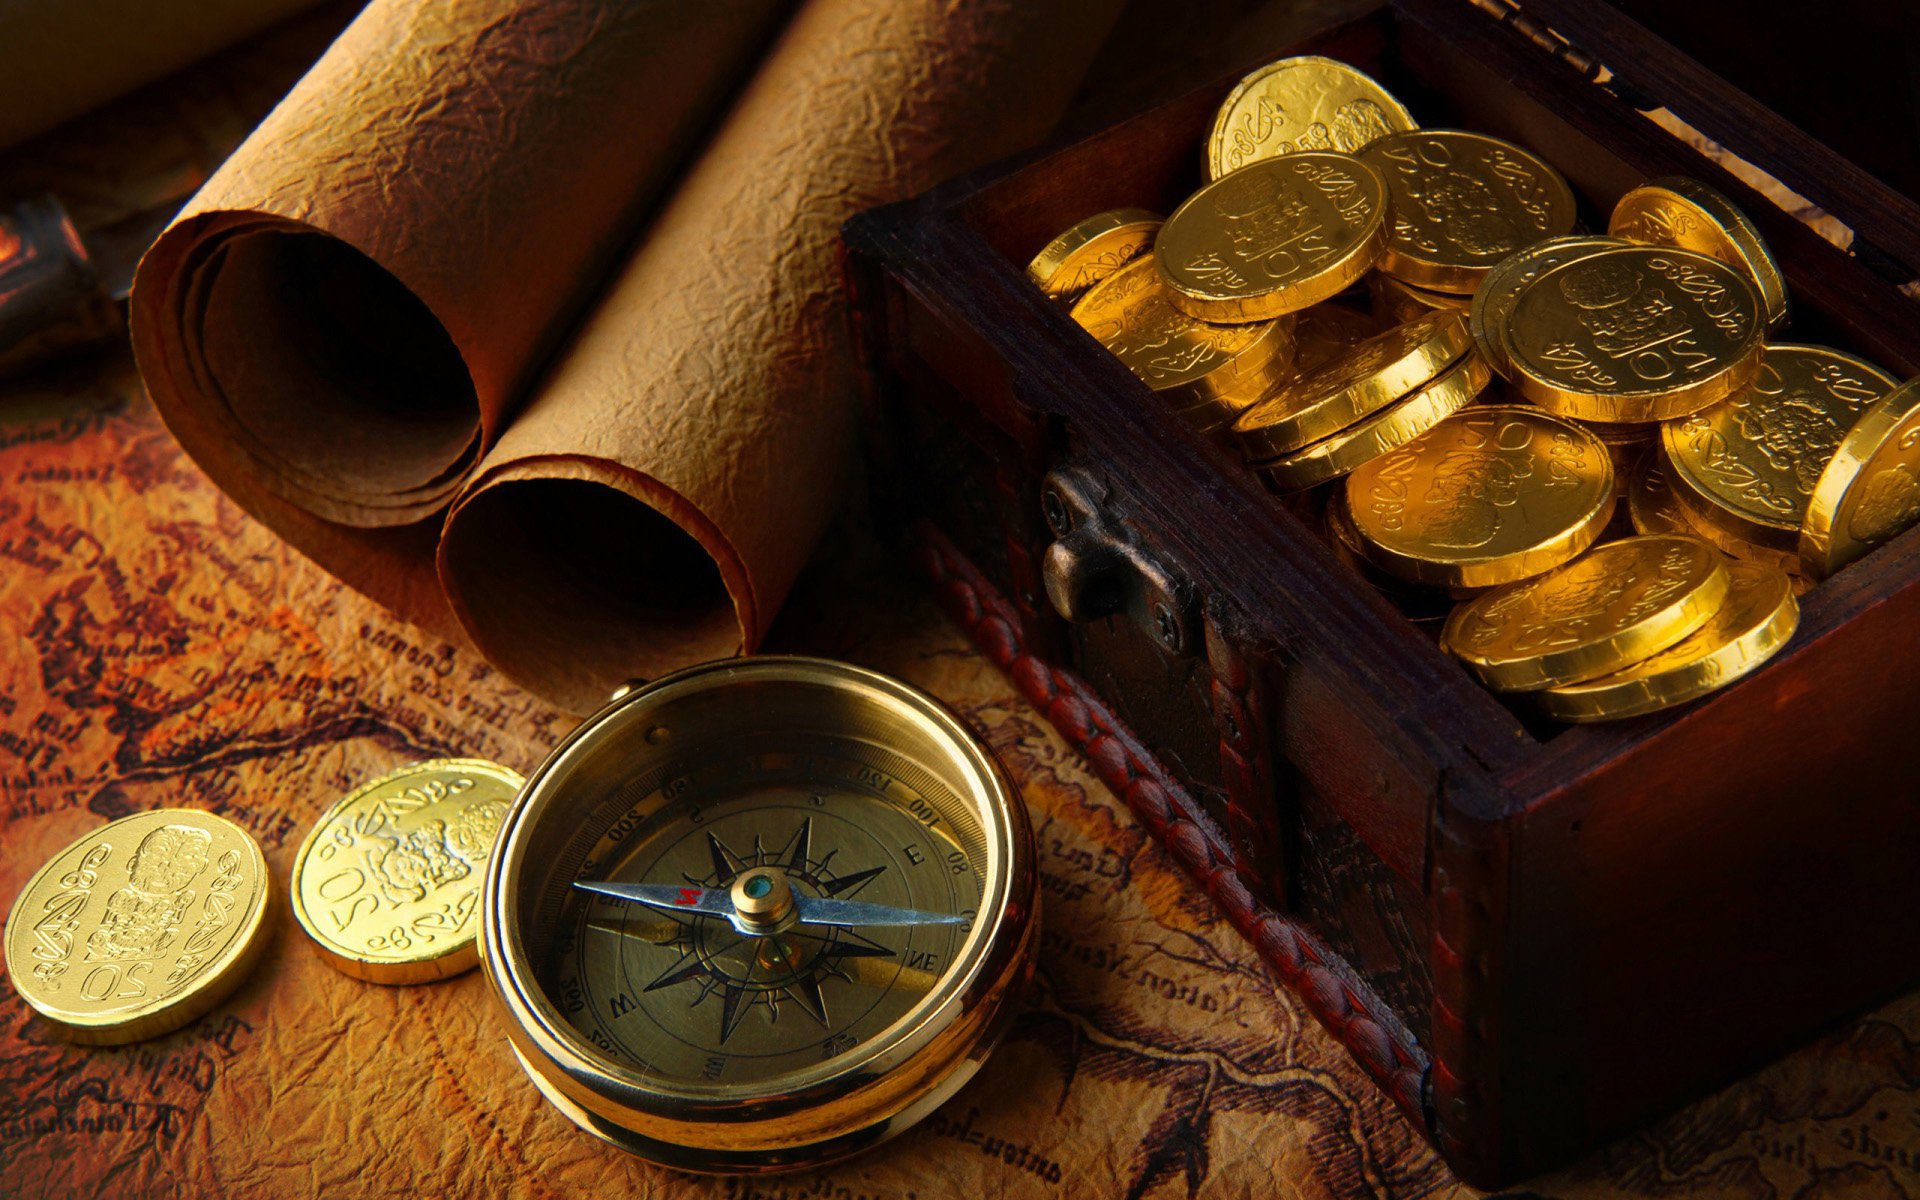 Монеты, золото, компас, деньги, карта